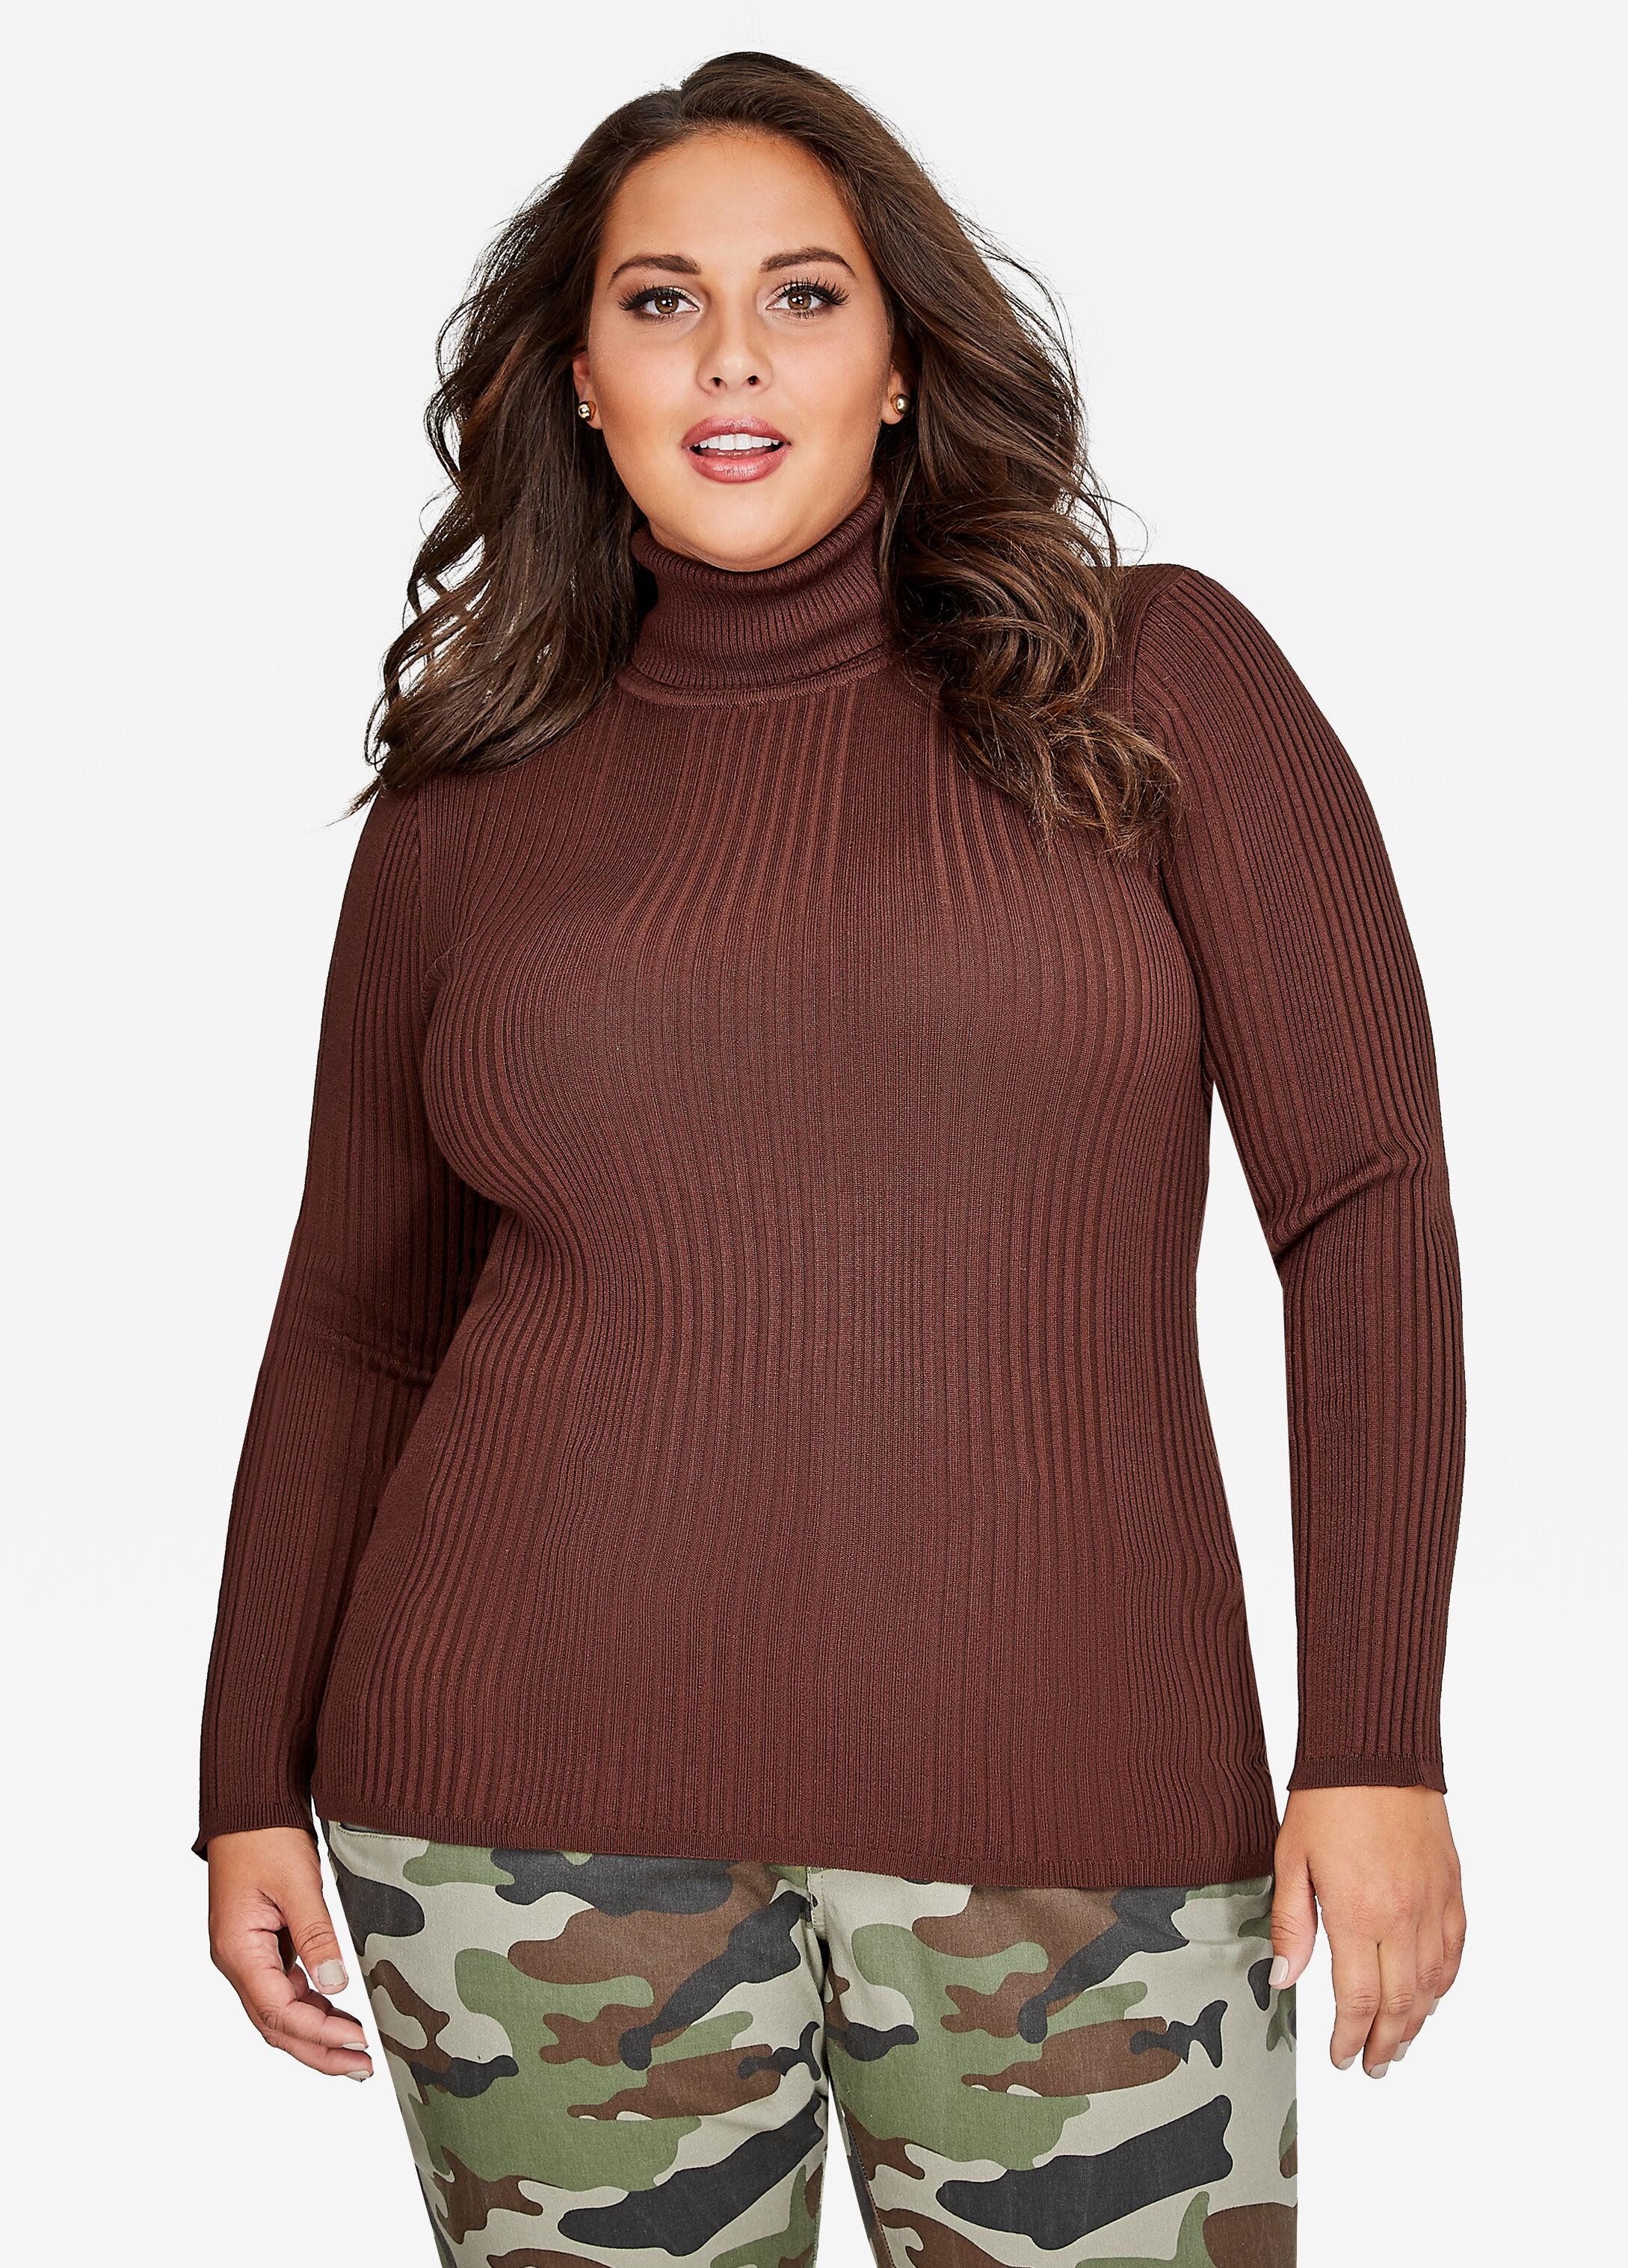 Plus Size Sweater - Basic Turtleneck